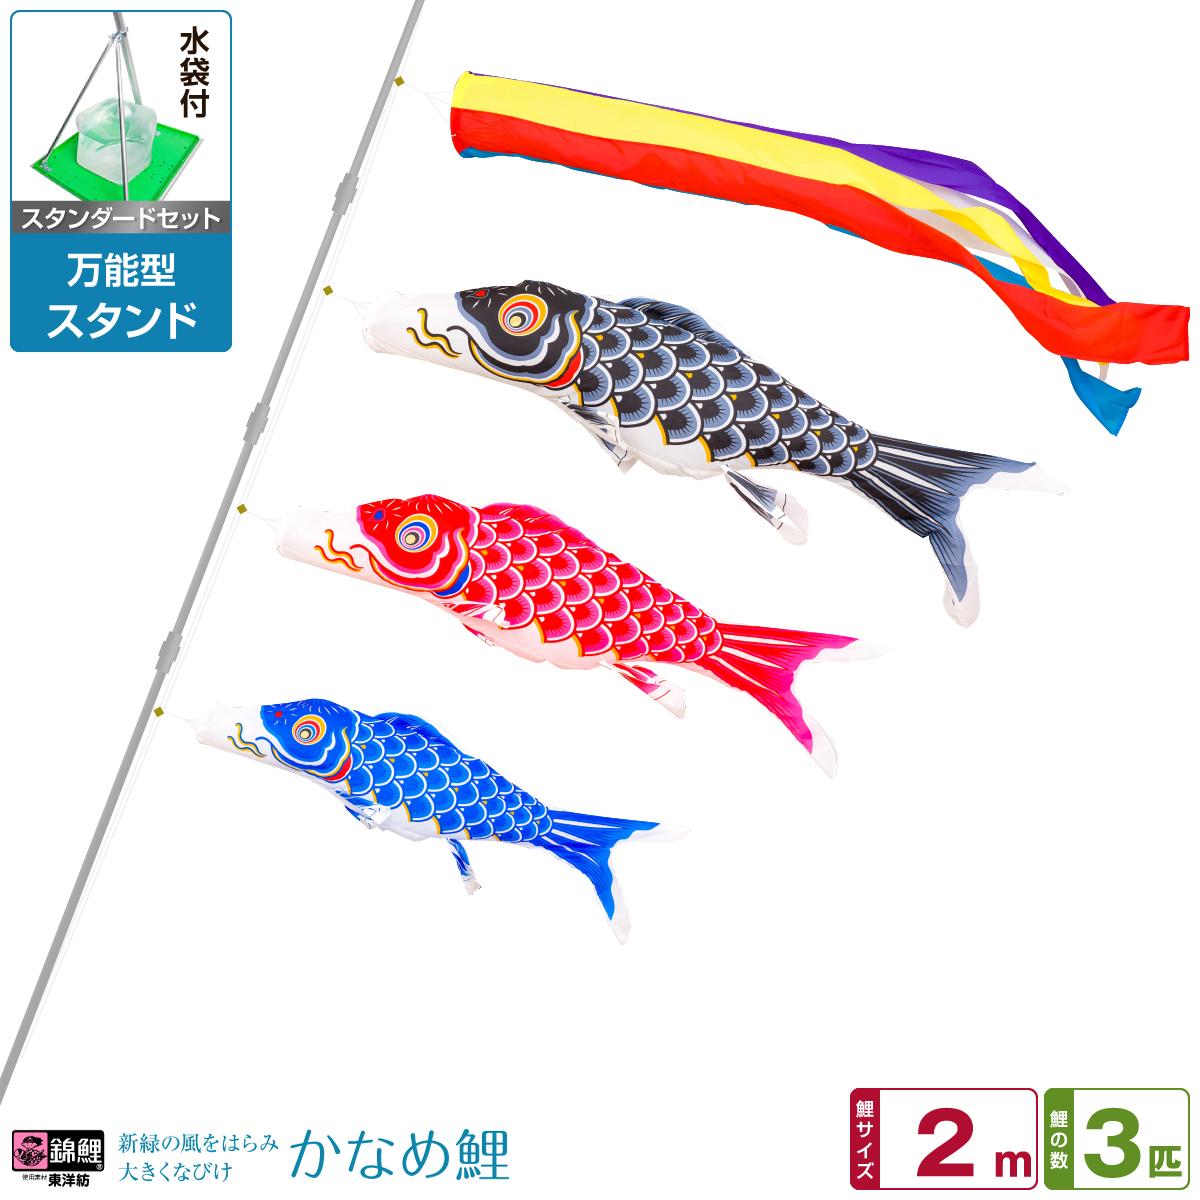 ベランダ用 こいのぼり 鯉のぼり 錦鯉 新緑の風になびく かなめ鯉 2m 6点(吹流し+鯉3匹+矢車+ロープ)/スタンダードセット(万能スタンド)